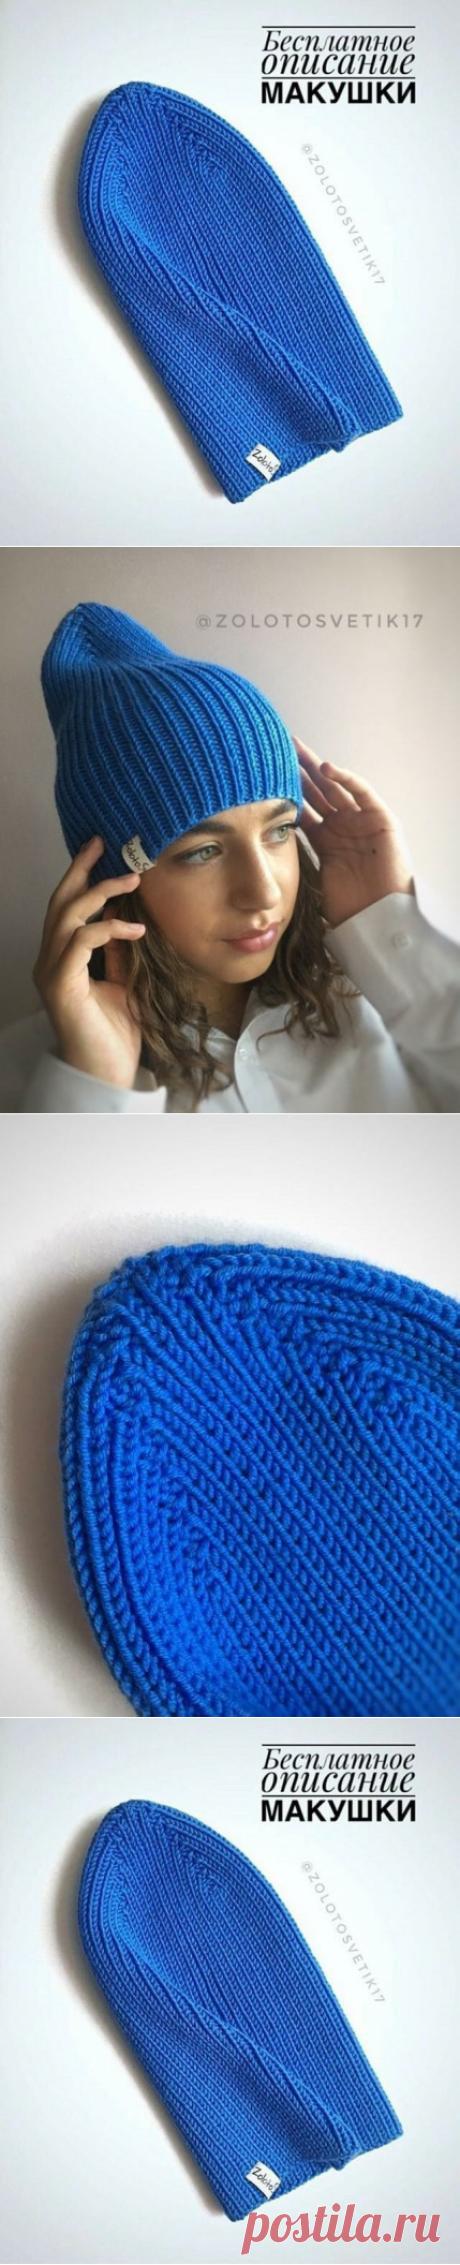 Способ убавок петель при вывязывании макушки шапки (Вязание спицами) – Журнал Вдохновение Рукодельницы